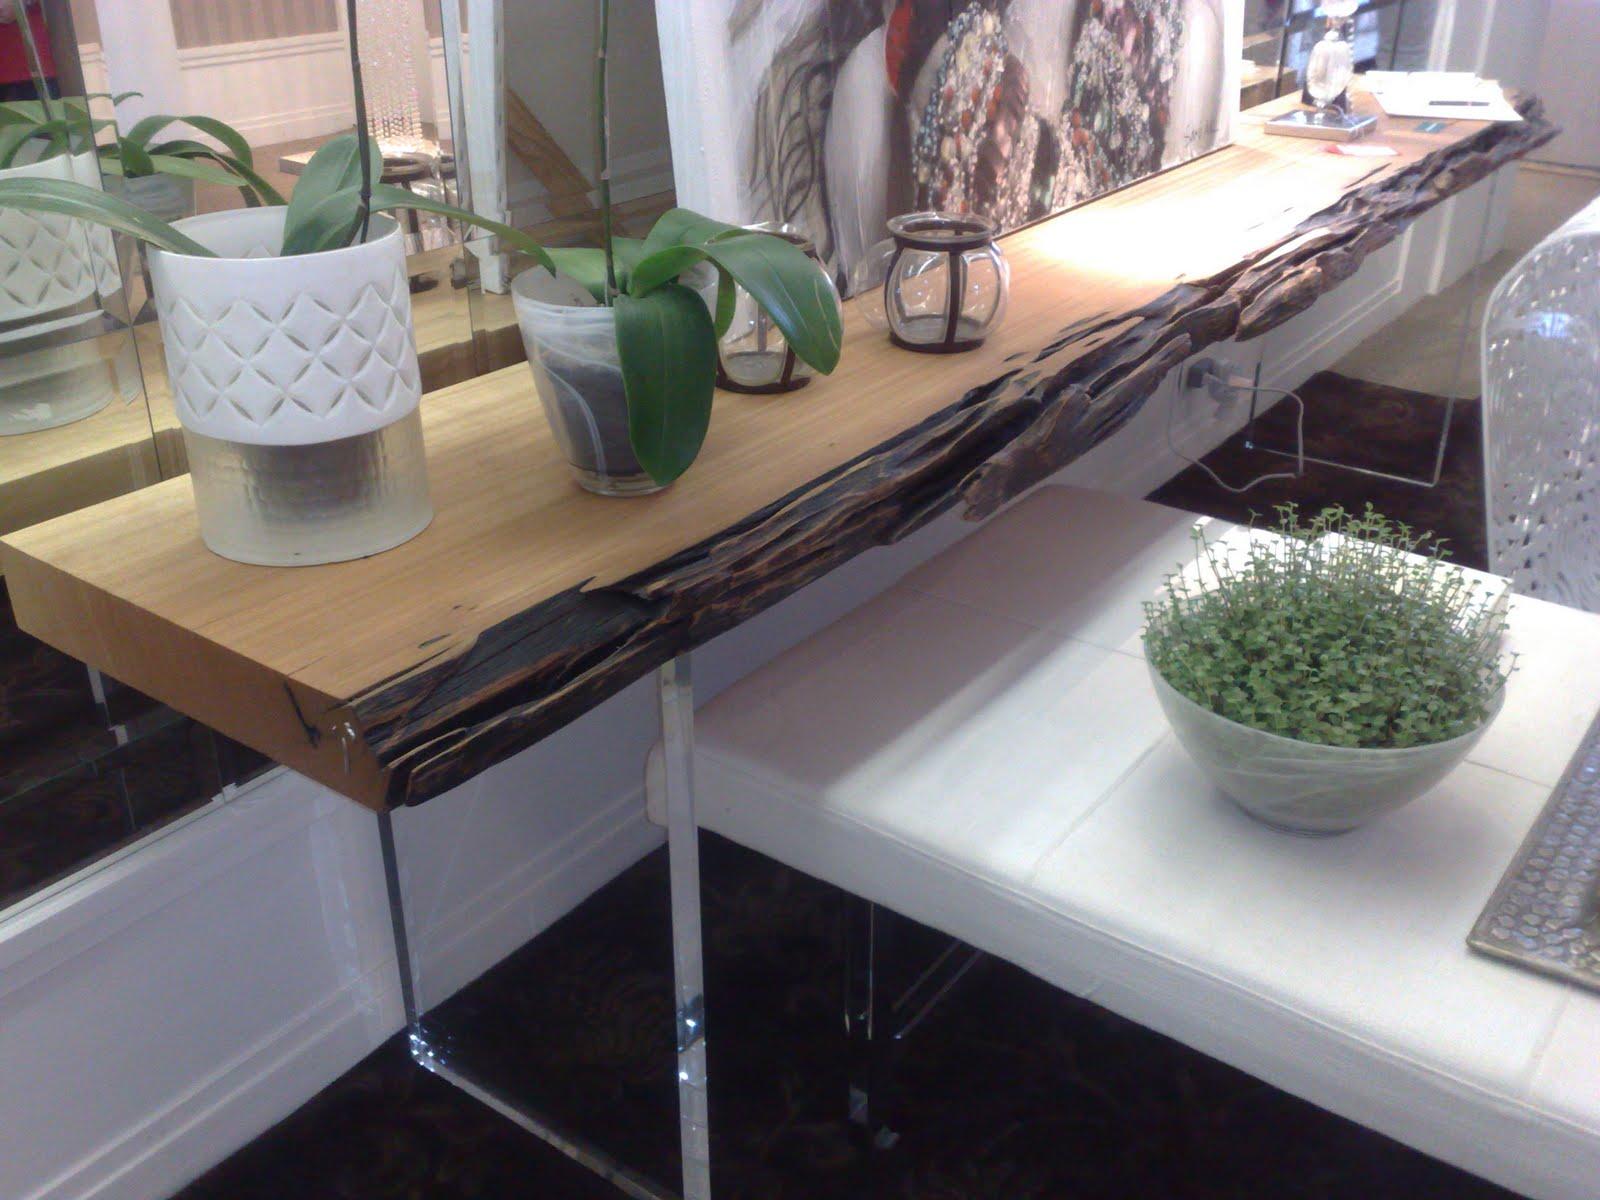 Aparador Acrilico Transparente ~ Studio GUX Design Sustentável Aparador em madeira